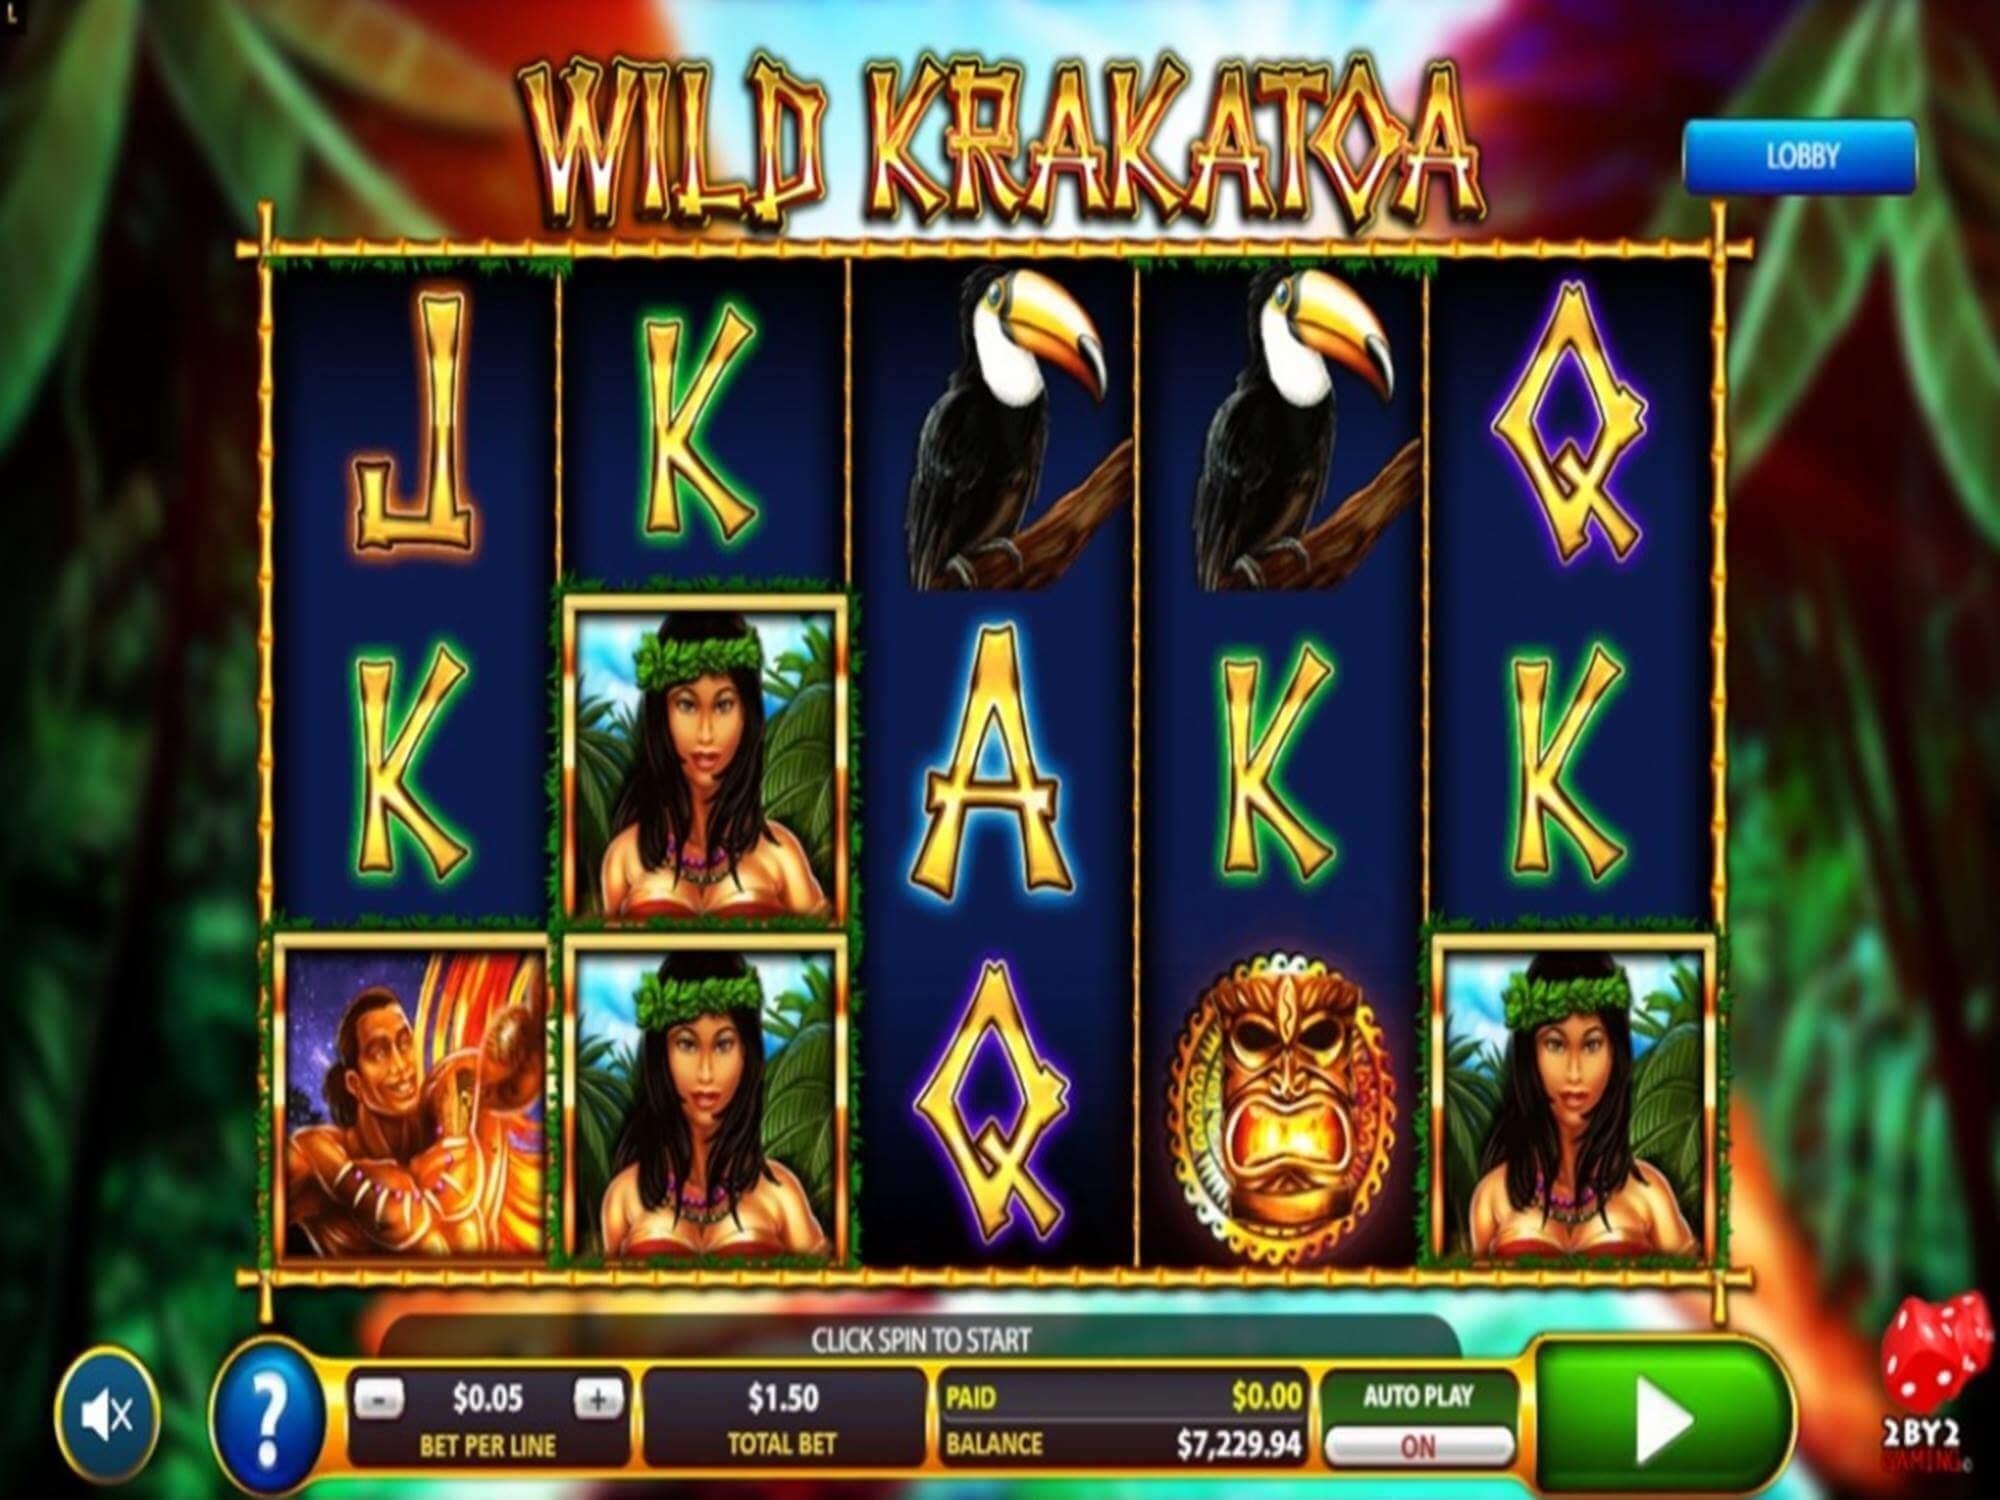 Wild Krakatoa Slot Gameplay